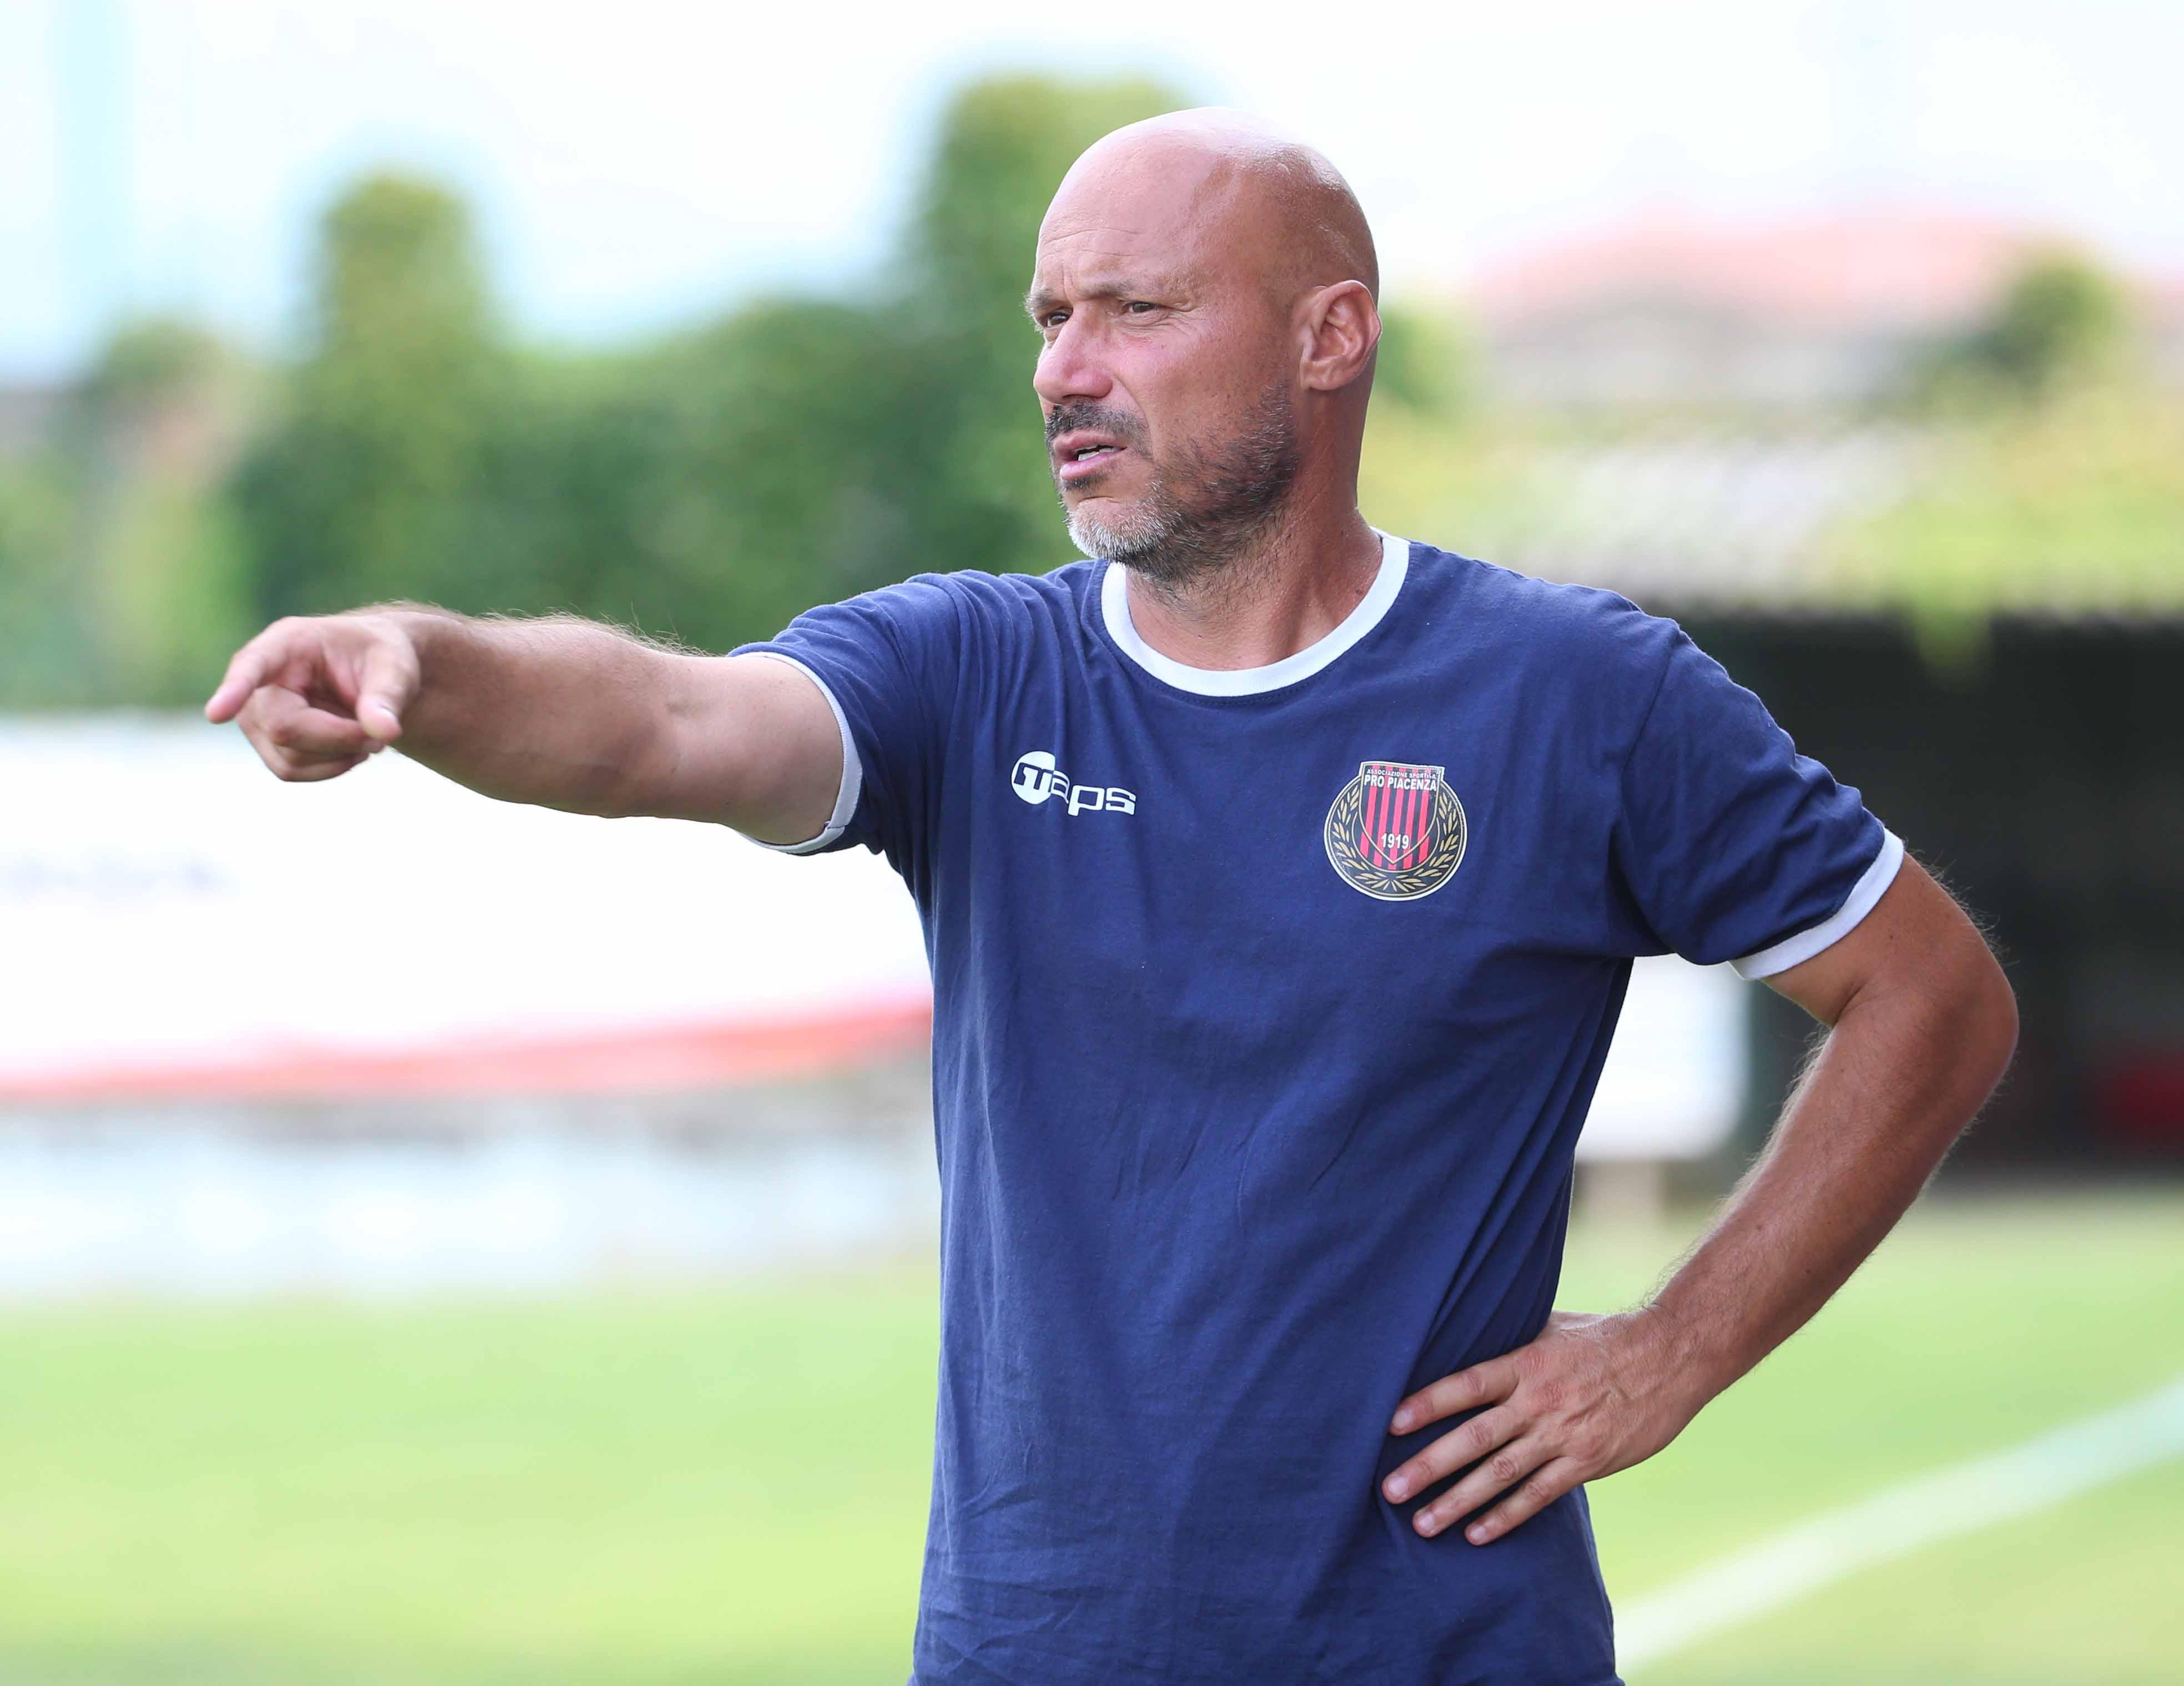 Pro Piacenza, è ufficiale: l'allenatore sarà Fulvio Pea. Confermato lo staff tecnico